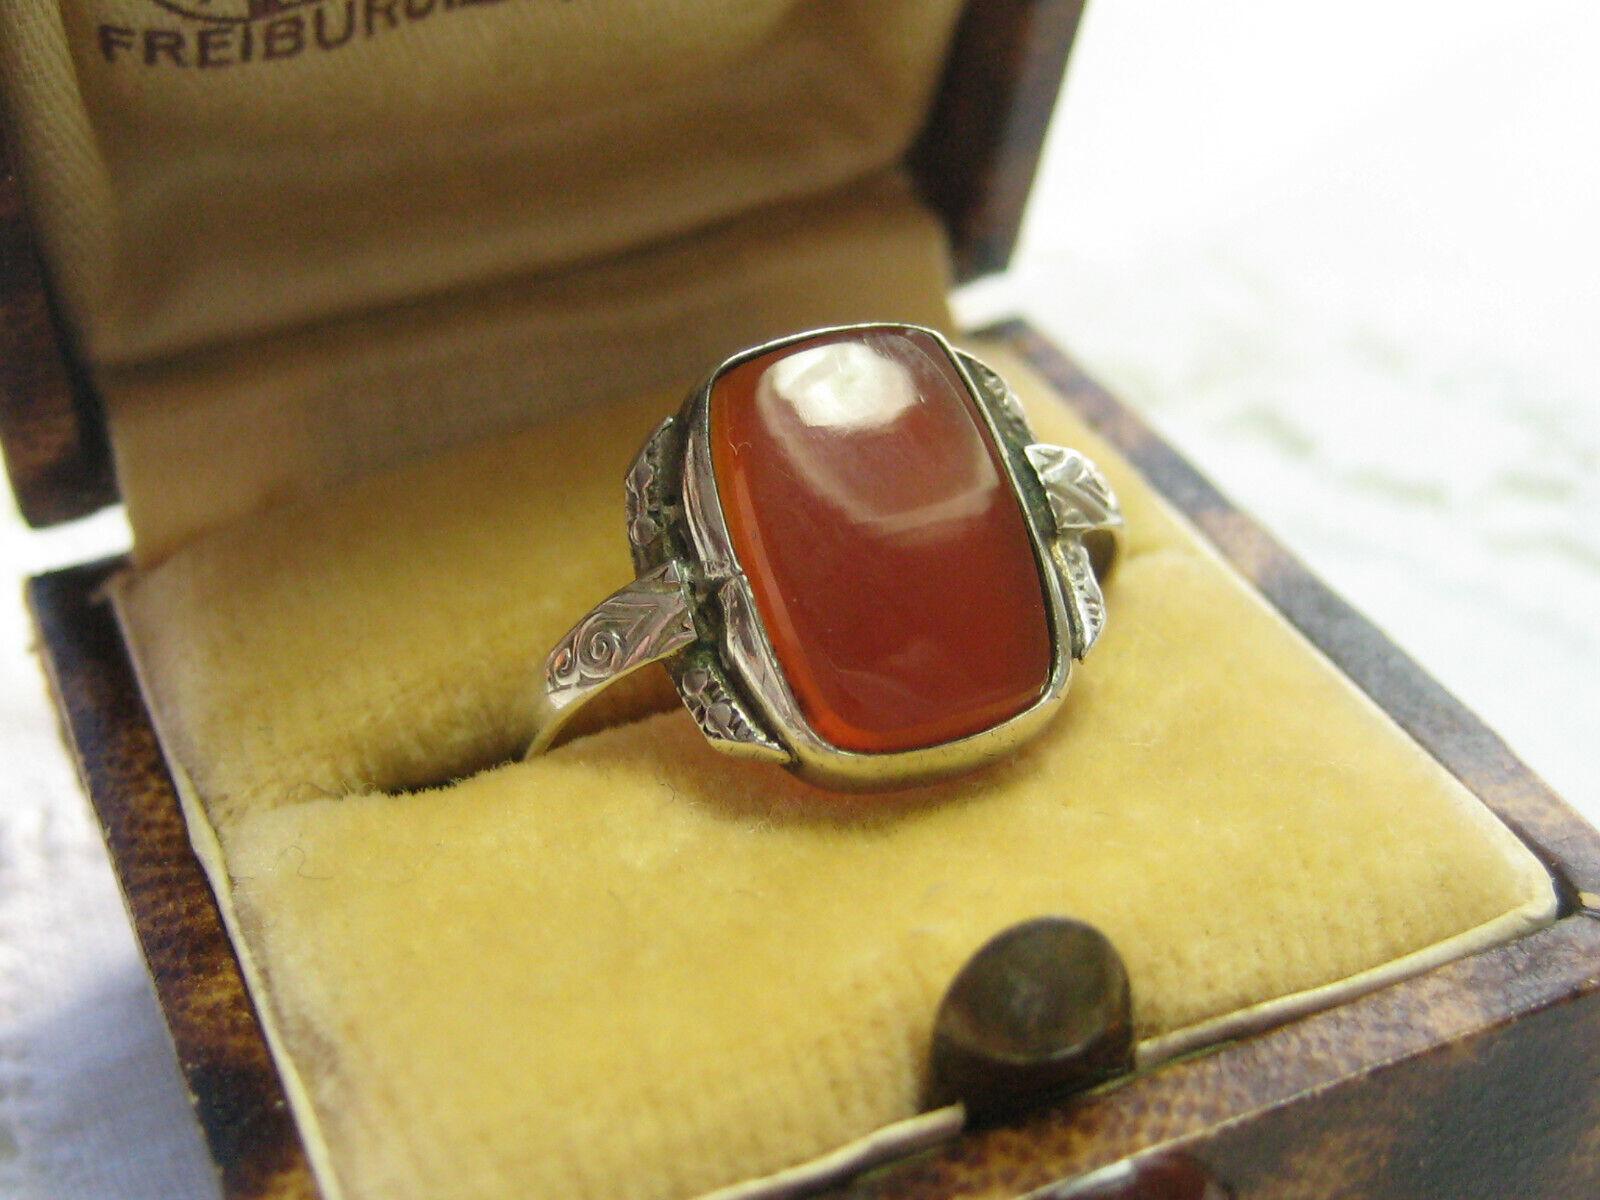 Ausverkauft Antik edler Ring 830 Silber Karneol Carneol 16 5 mm ...